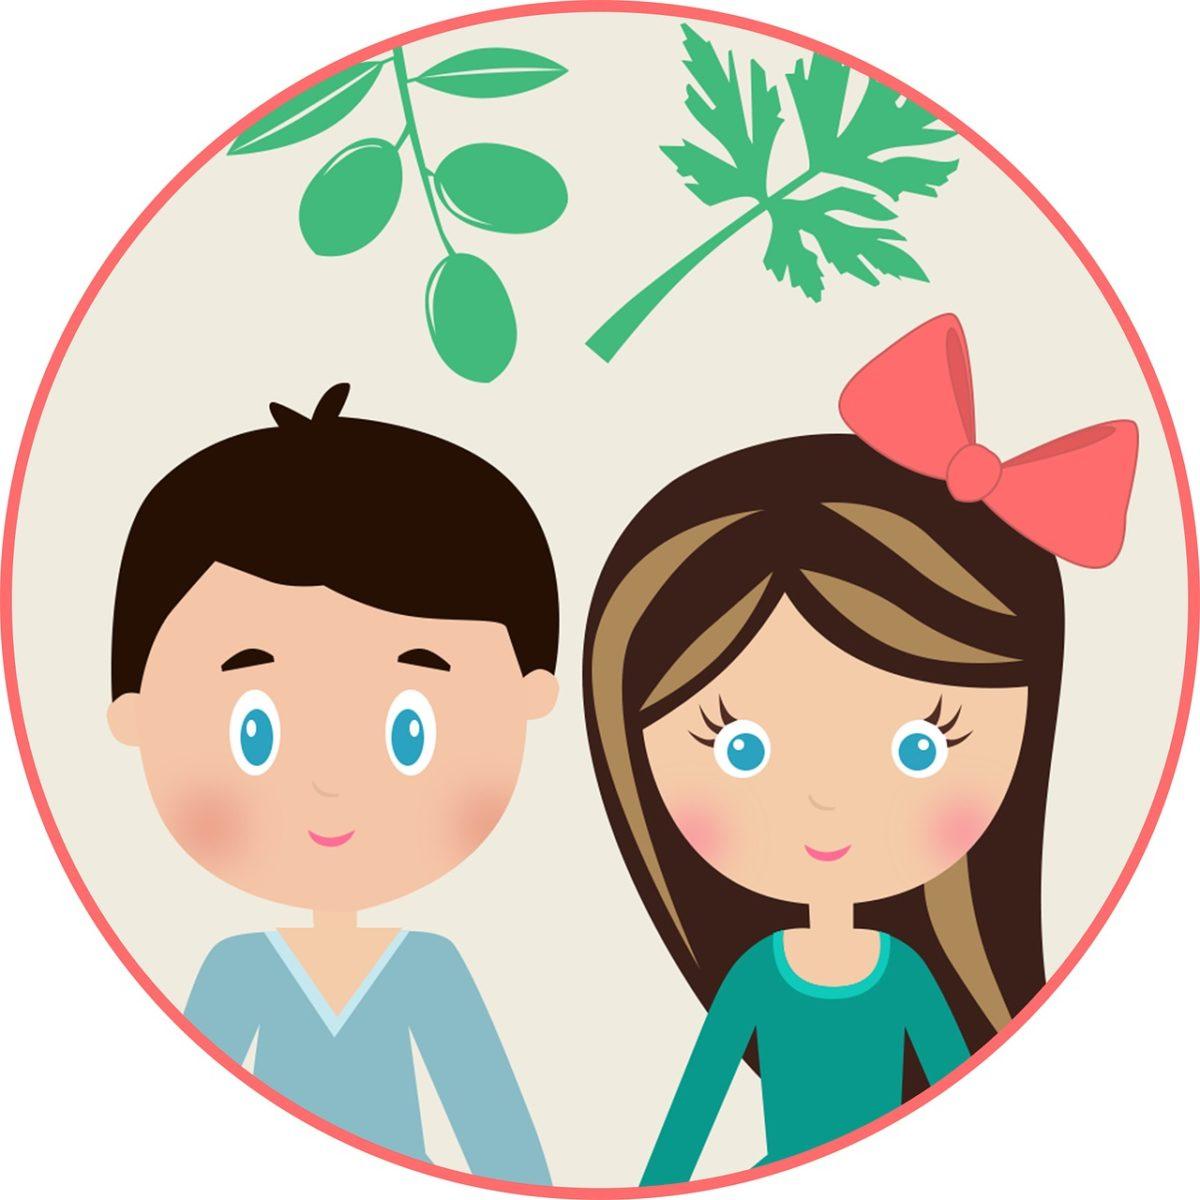 結婚祝いを兄弟、姉妹に贈るときの金額予算とは?